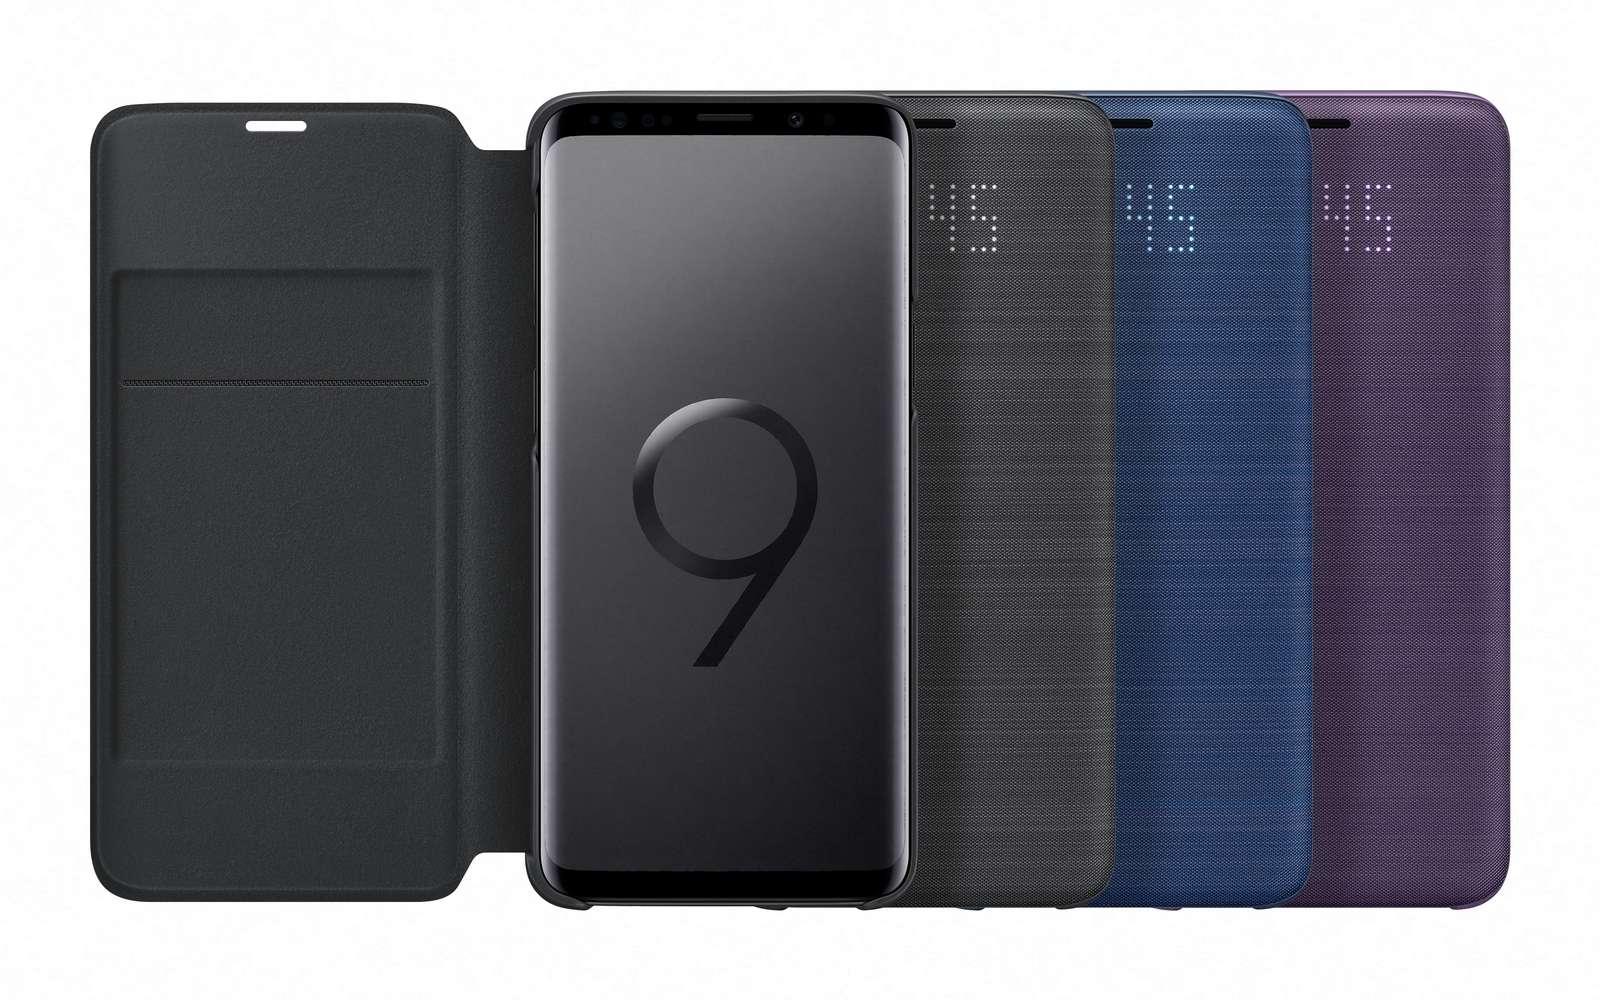 Le Samsung Galaxy S9 est le premier smartphone à proposer un capteur photo à focale variable. © Samsung